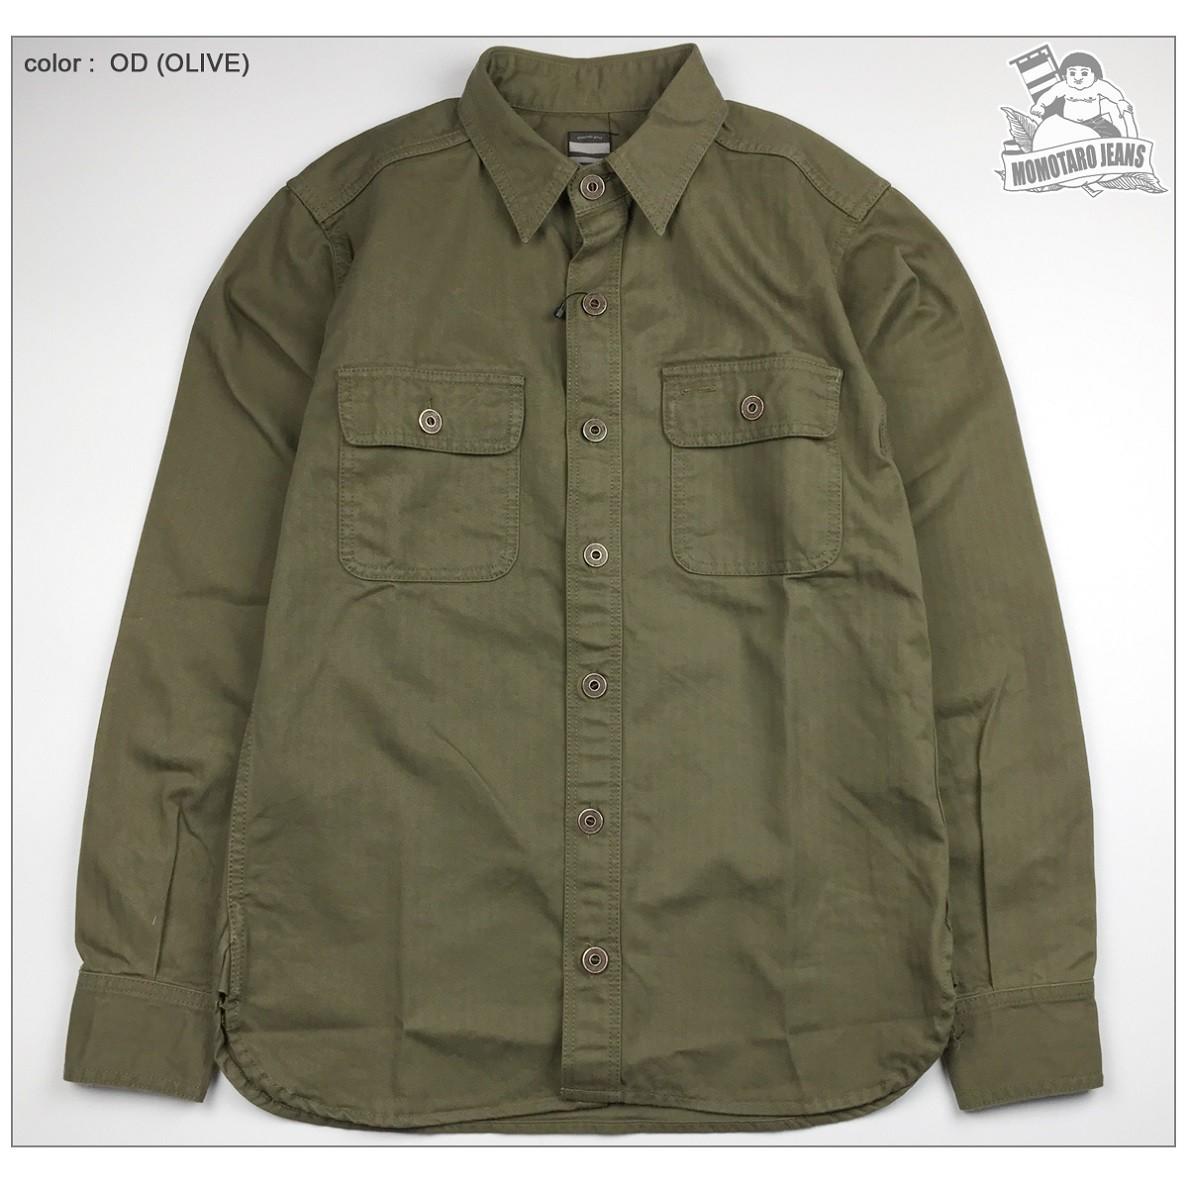 桃太郎ジーンズ 05-160 ワークシャツ 画像11